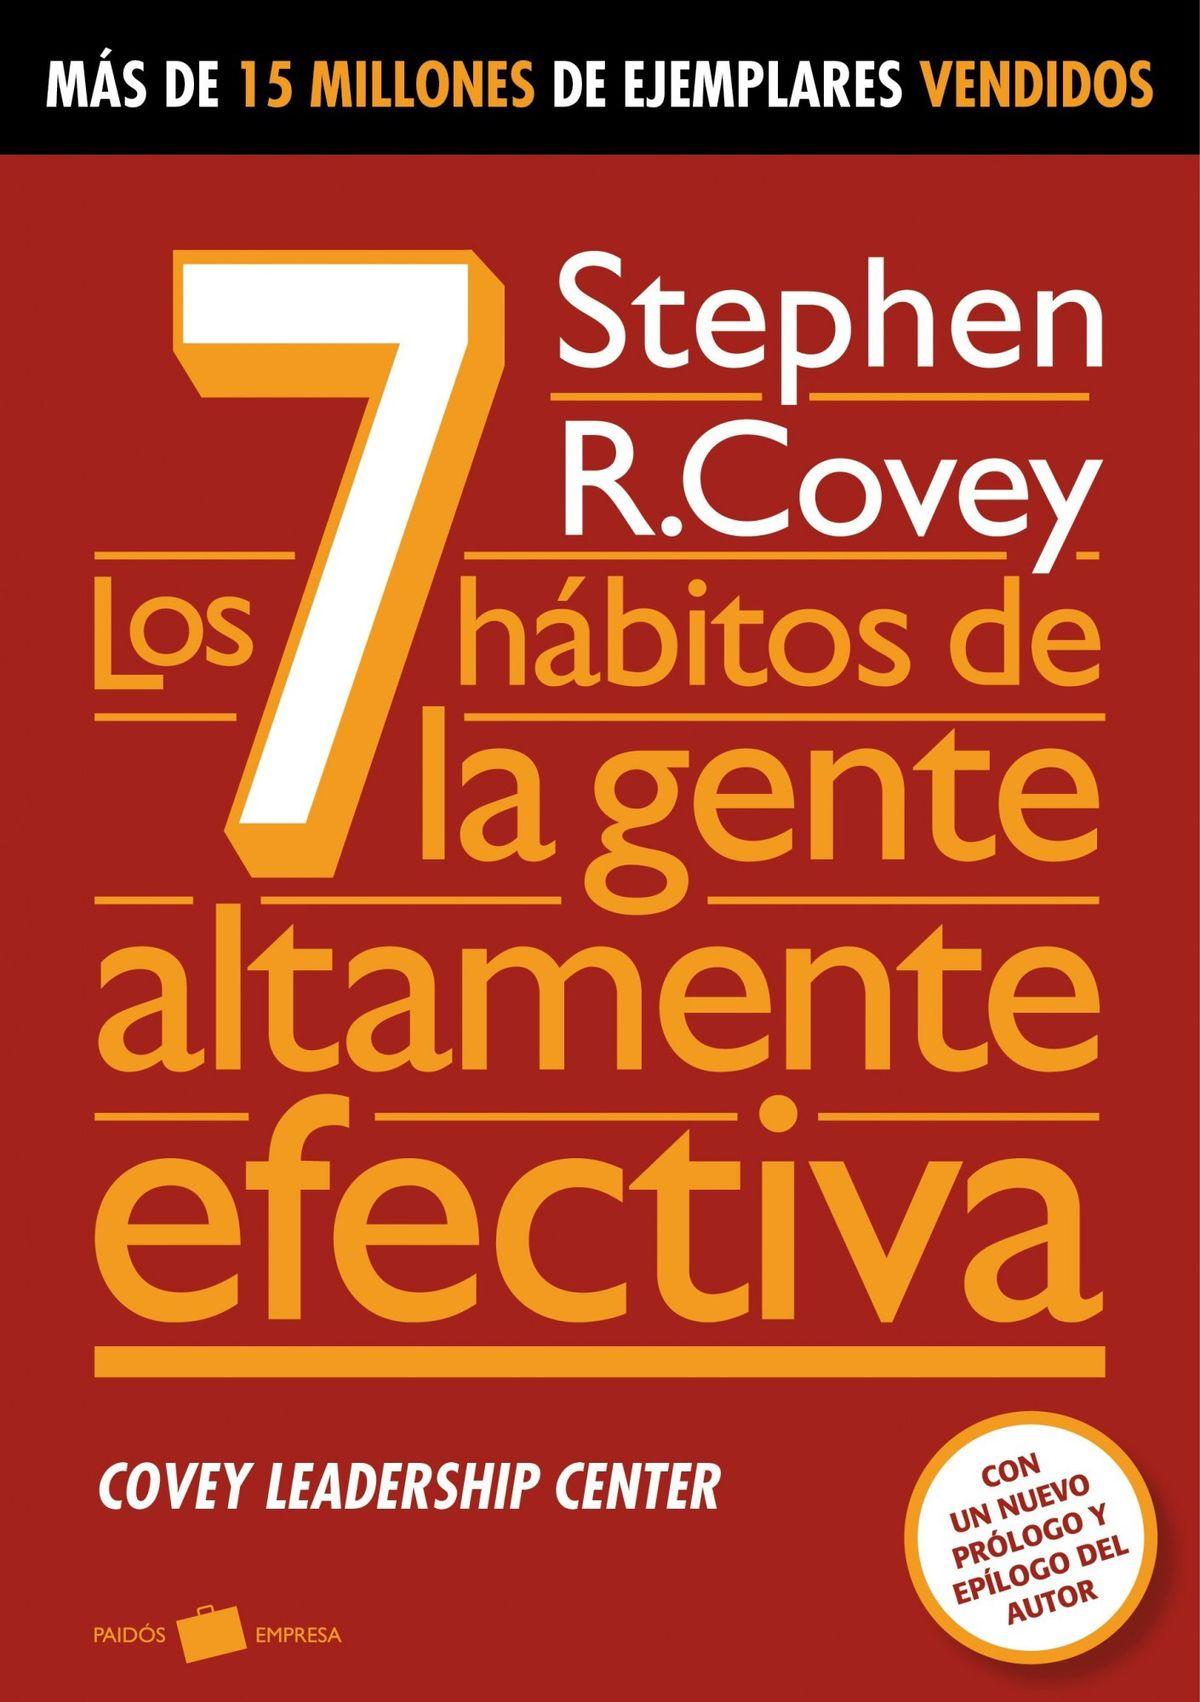 """Libros sobre liderazgo - Tapa del libro """"Los 7 hábitos de la gente altamente efectiva"""""""